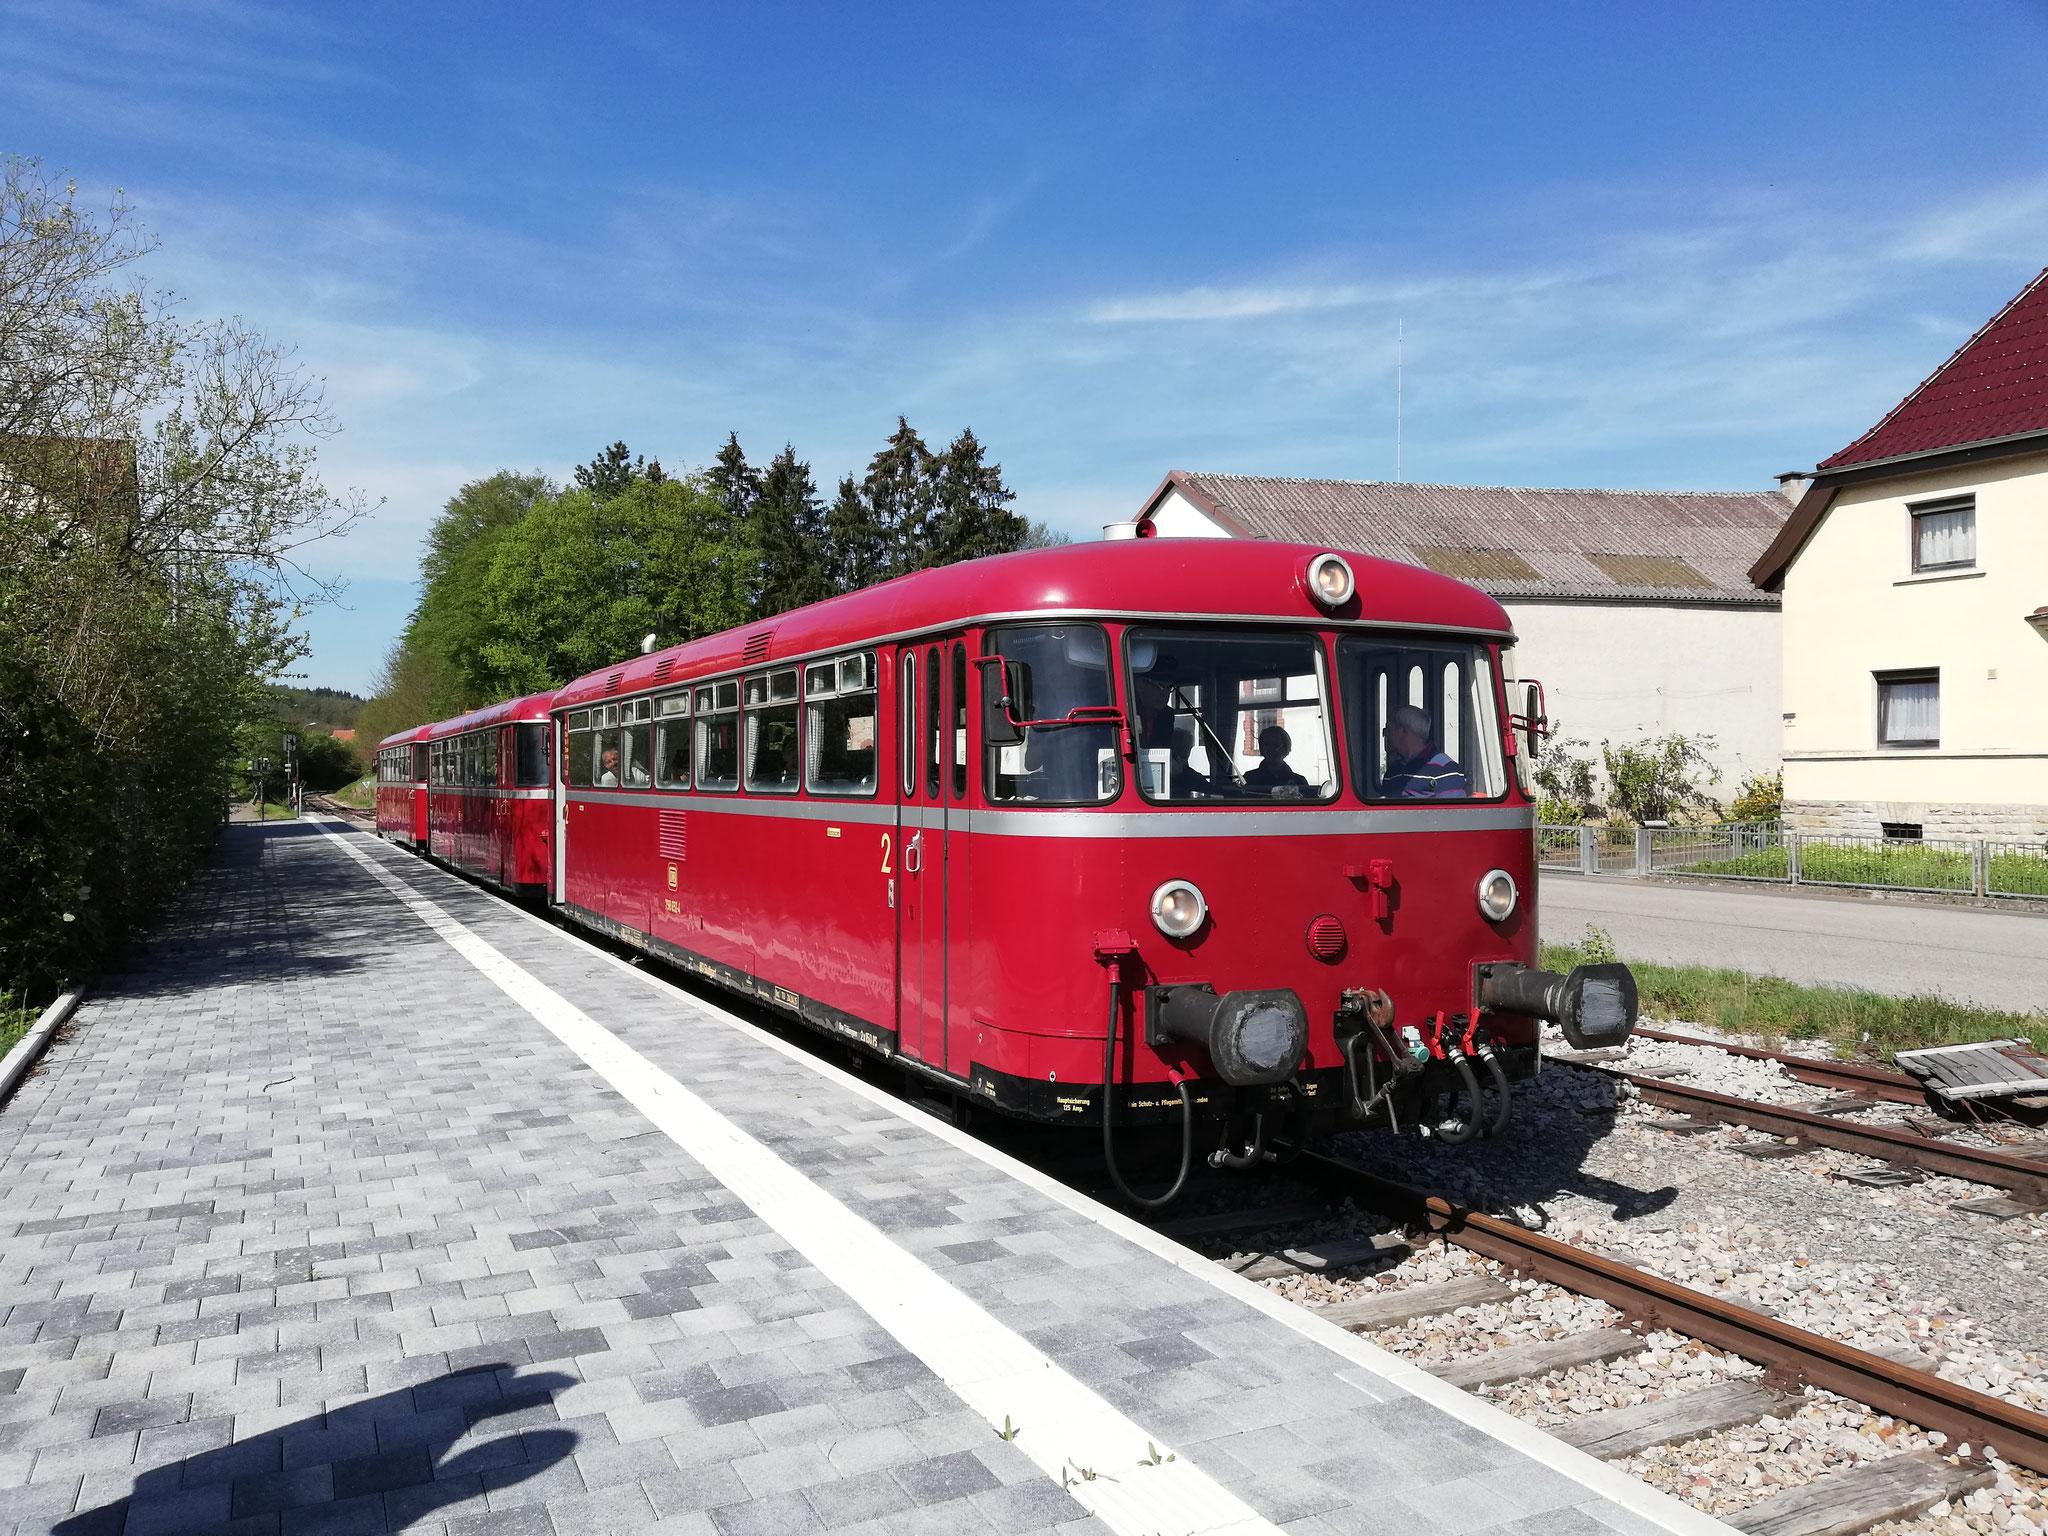 Zu Ostern sucht man bunte Eier, im Krebsbachtal gerne auch mal mit dem Zug, aus diesem Grund war unser VT zwischen Neckarbischofsheim Nord und Hüffenhardt im Einsatz.